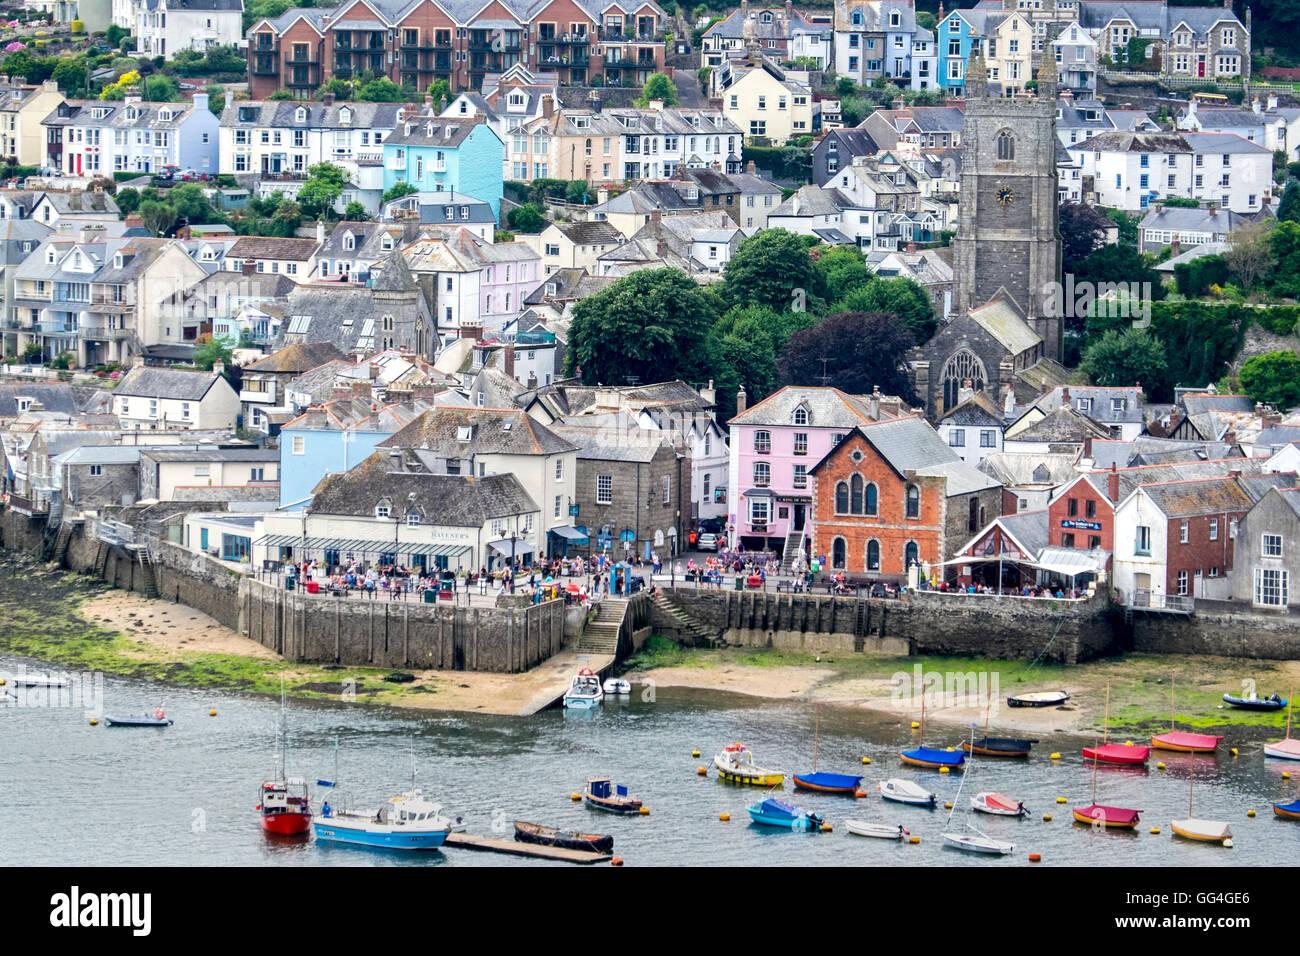 Cornishtown